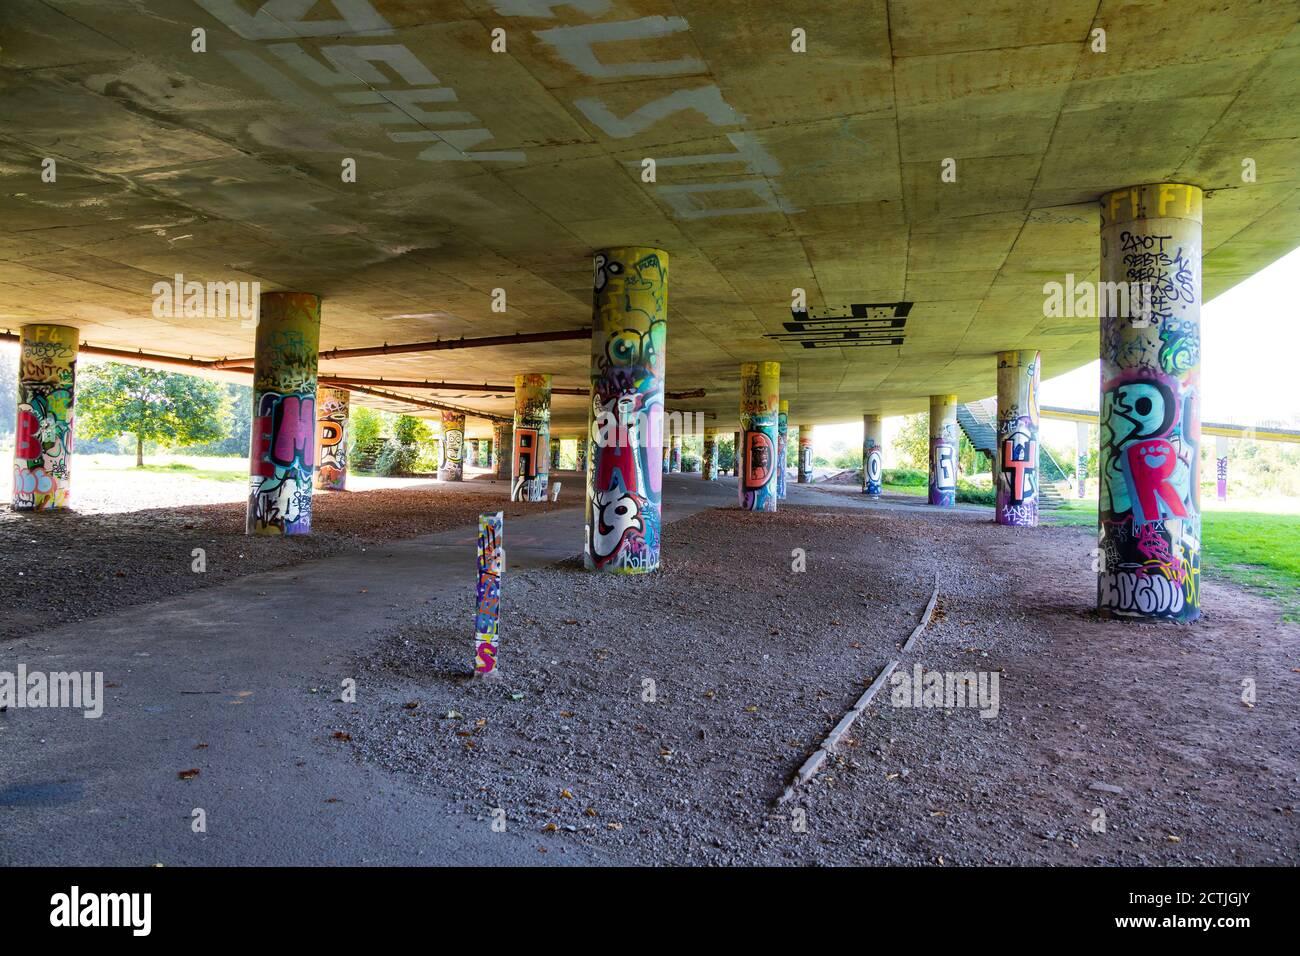 Colonne di supporto Graffitied sotto la Via Brunel, A3029 ponte stradale. Bristol, Inghilterra. Settembre 2020 Foto Stock